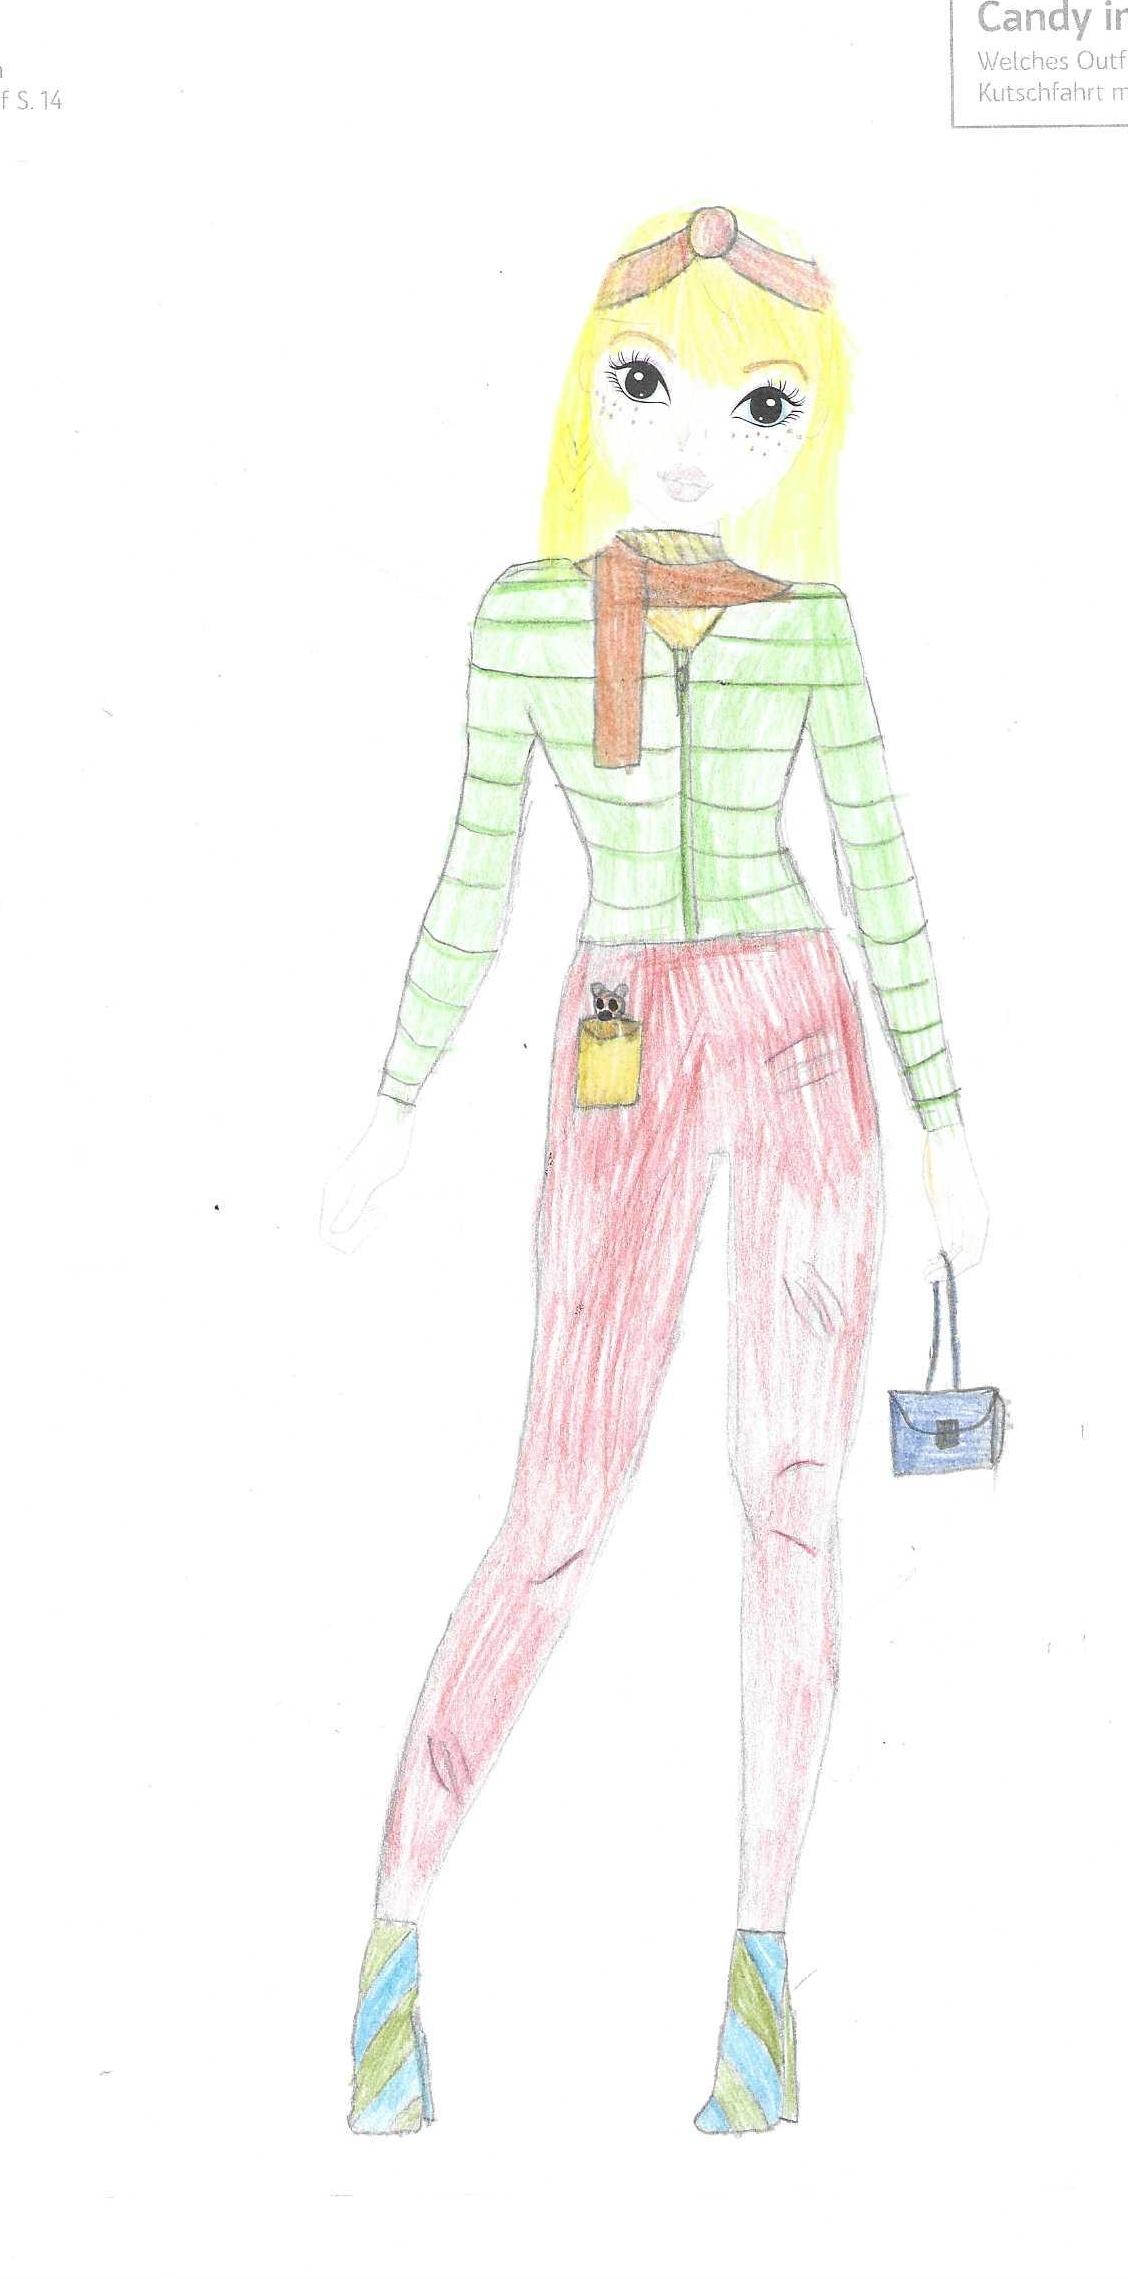 violetta H., 9 Jahre, aus Minden